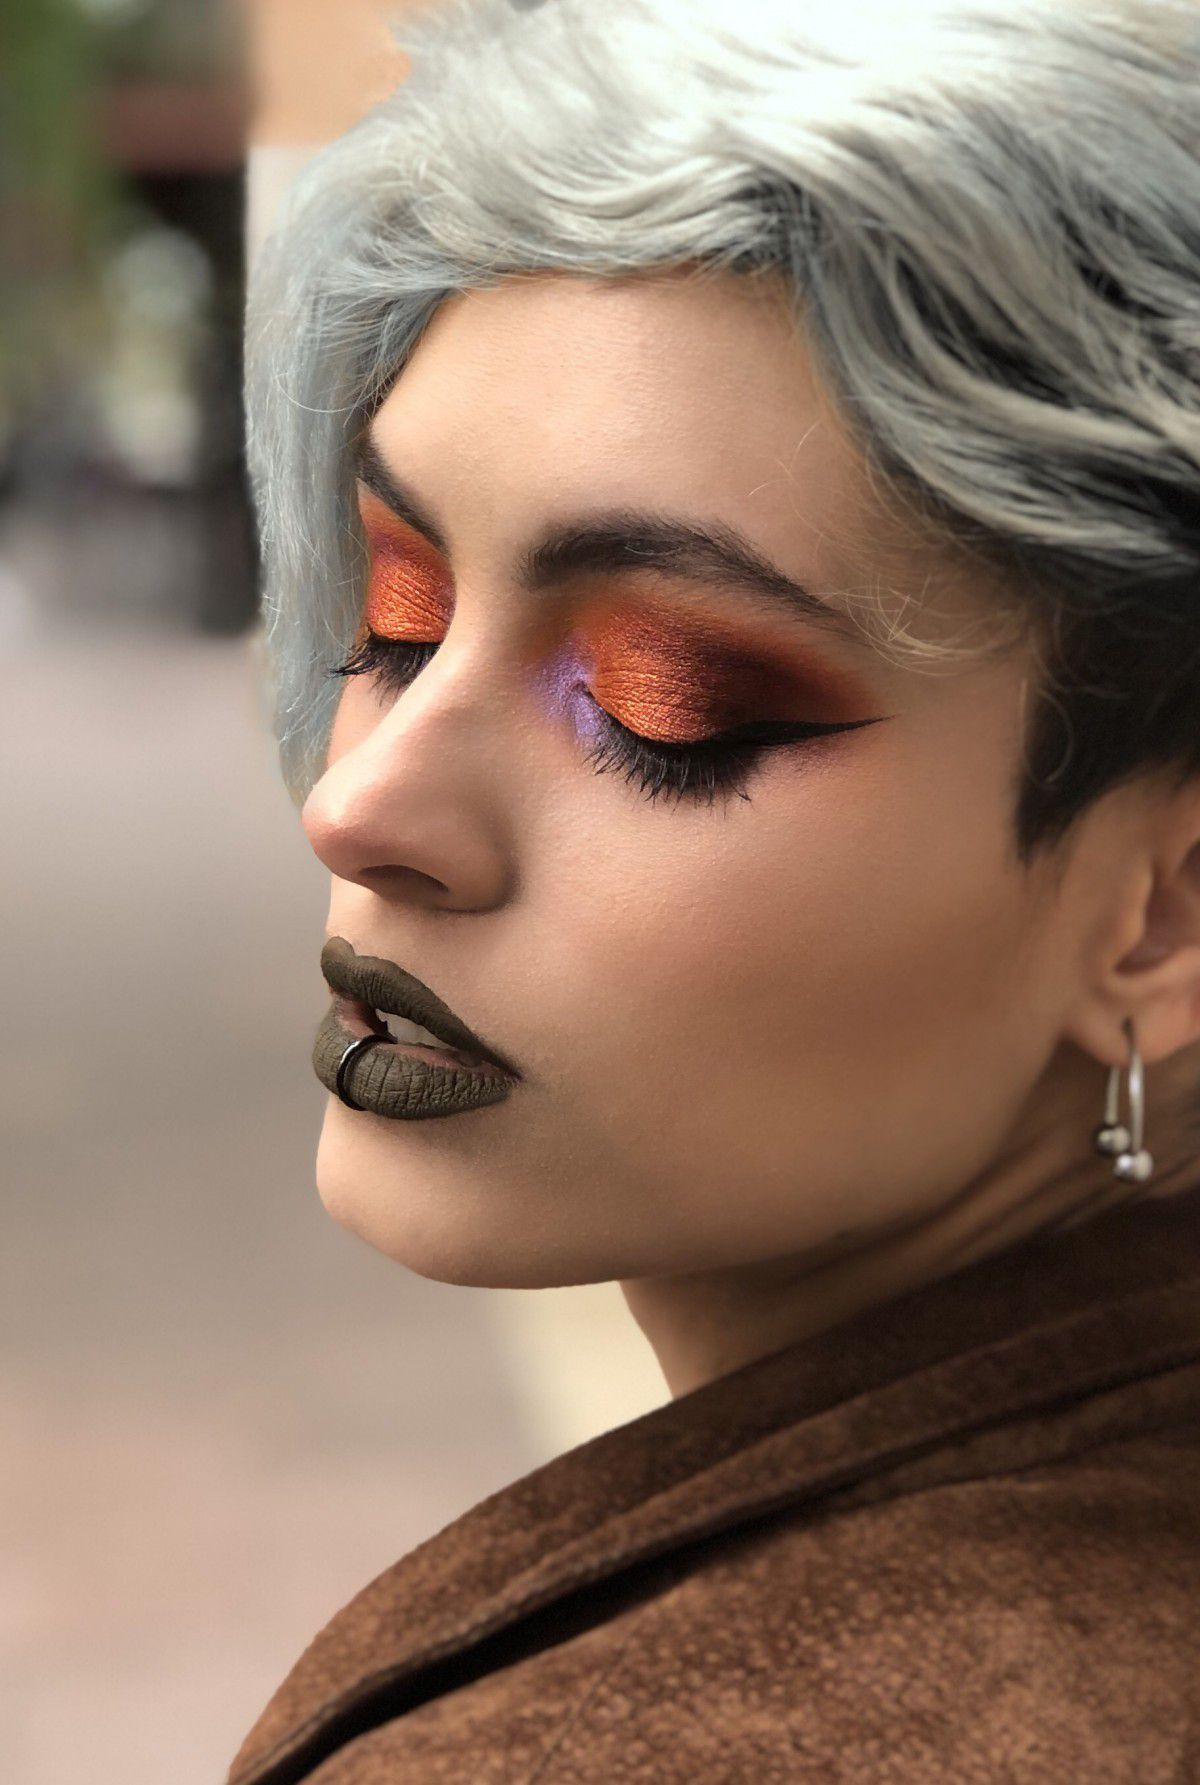 maquilladoras profesionales a domicilio en Barcelona